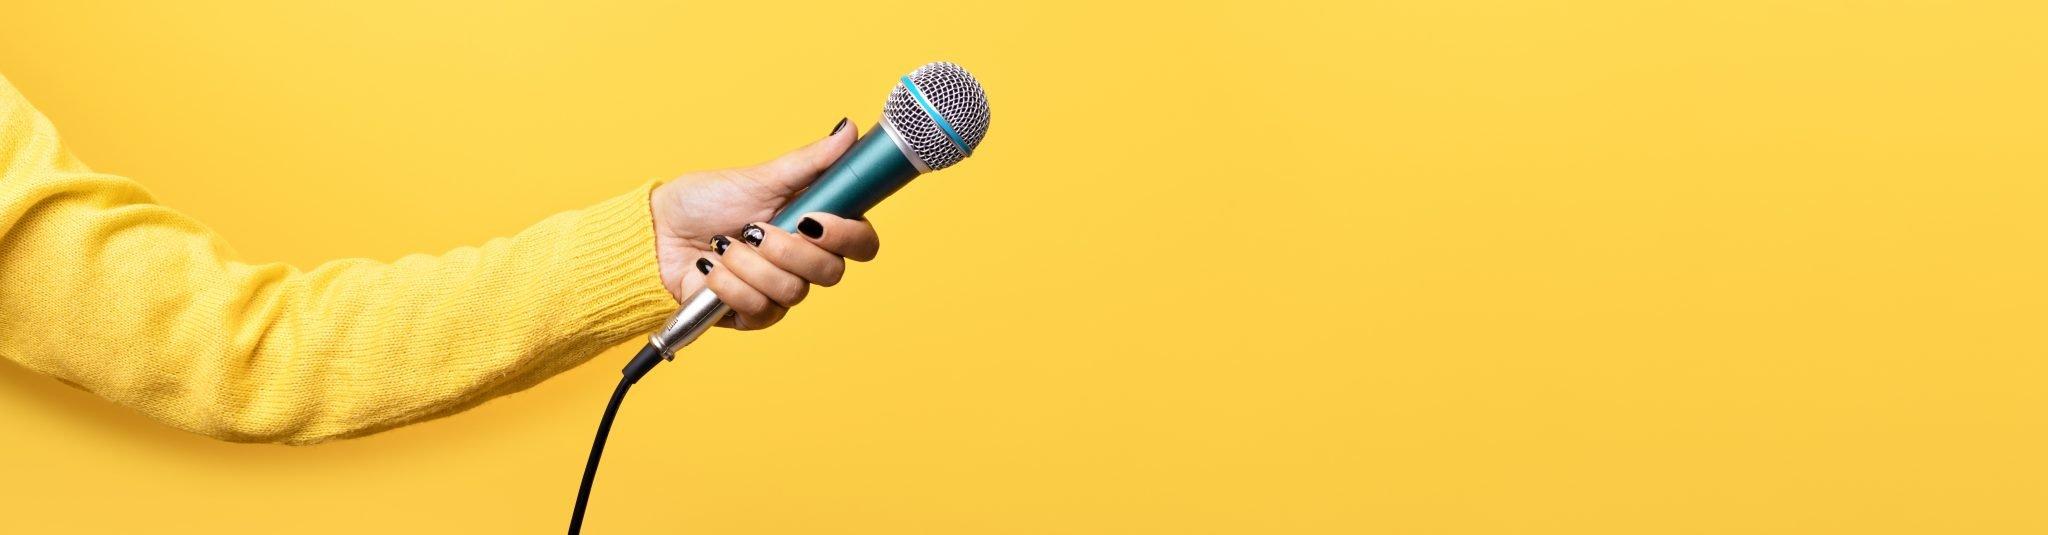 Hand mit Mikrofon vor gelber Wand